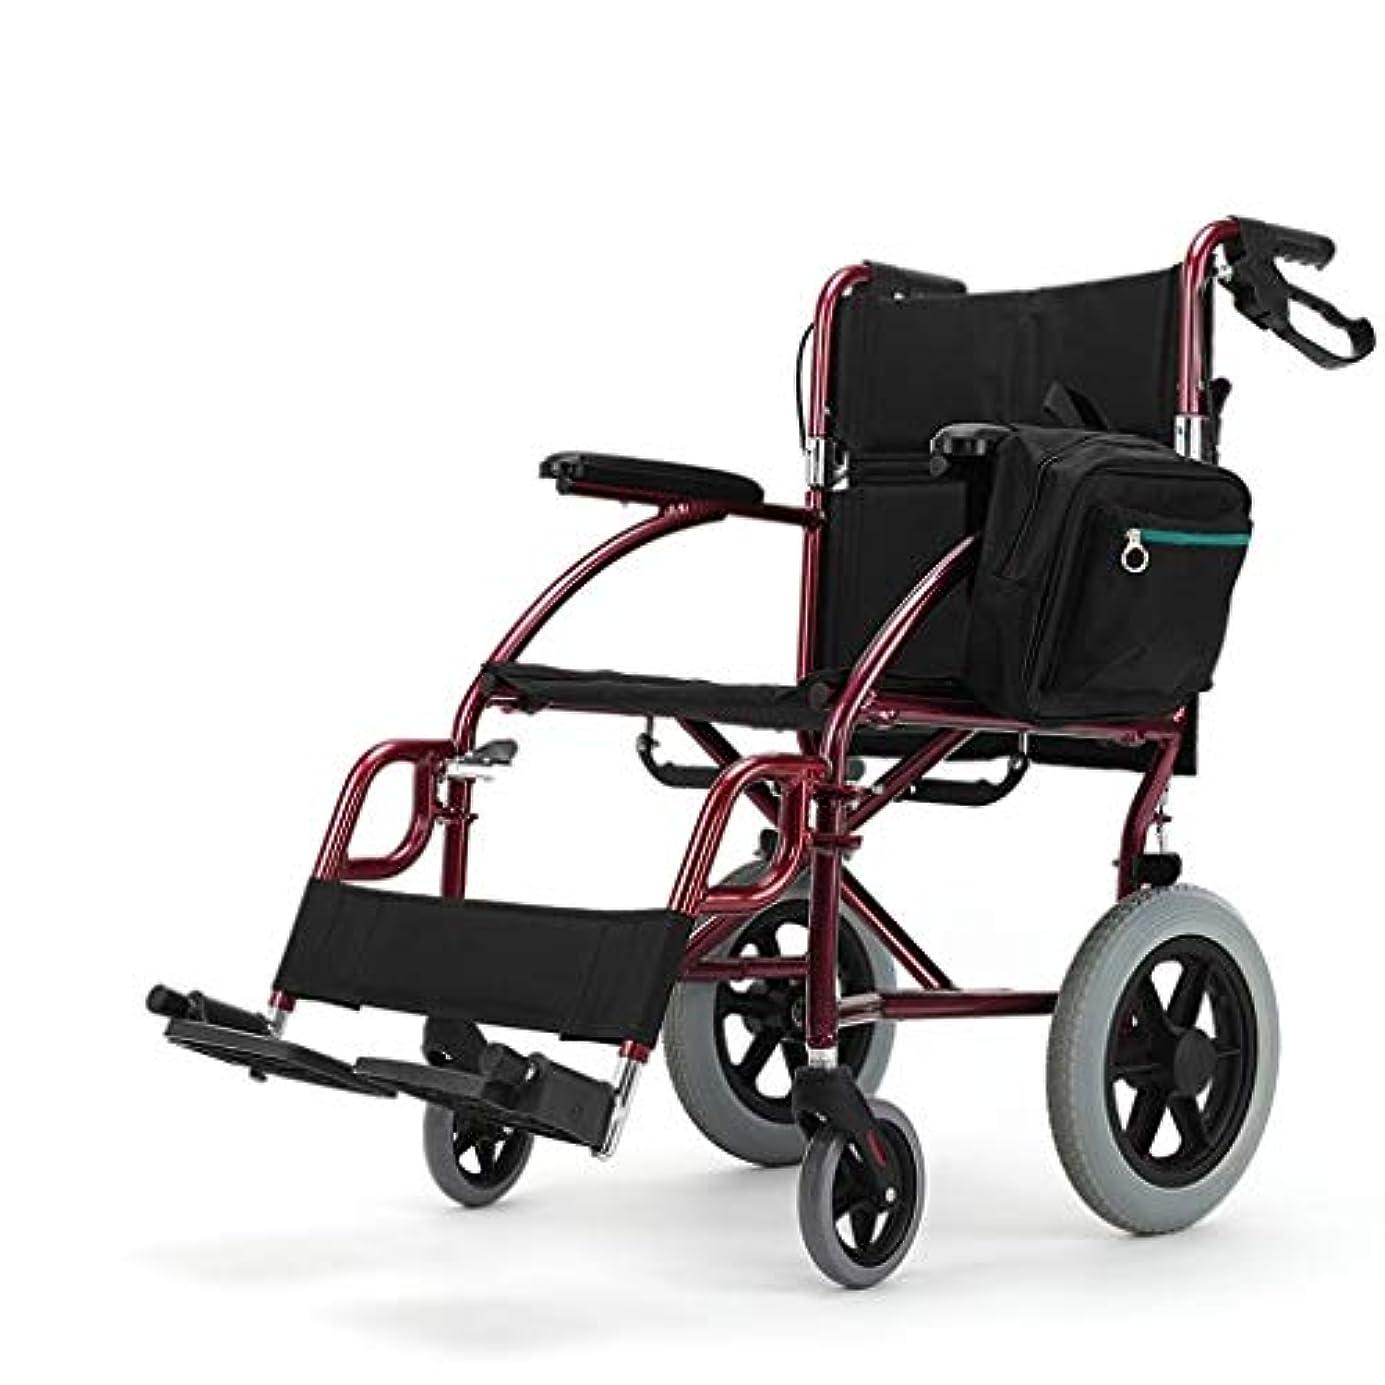 抱擁反逆者歩き回る折りたたみ車椅子取り外し可能なペダル、折りたたみ式背部無効車椅子、屋外旅行車椅子用の軽量でポータブル